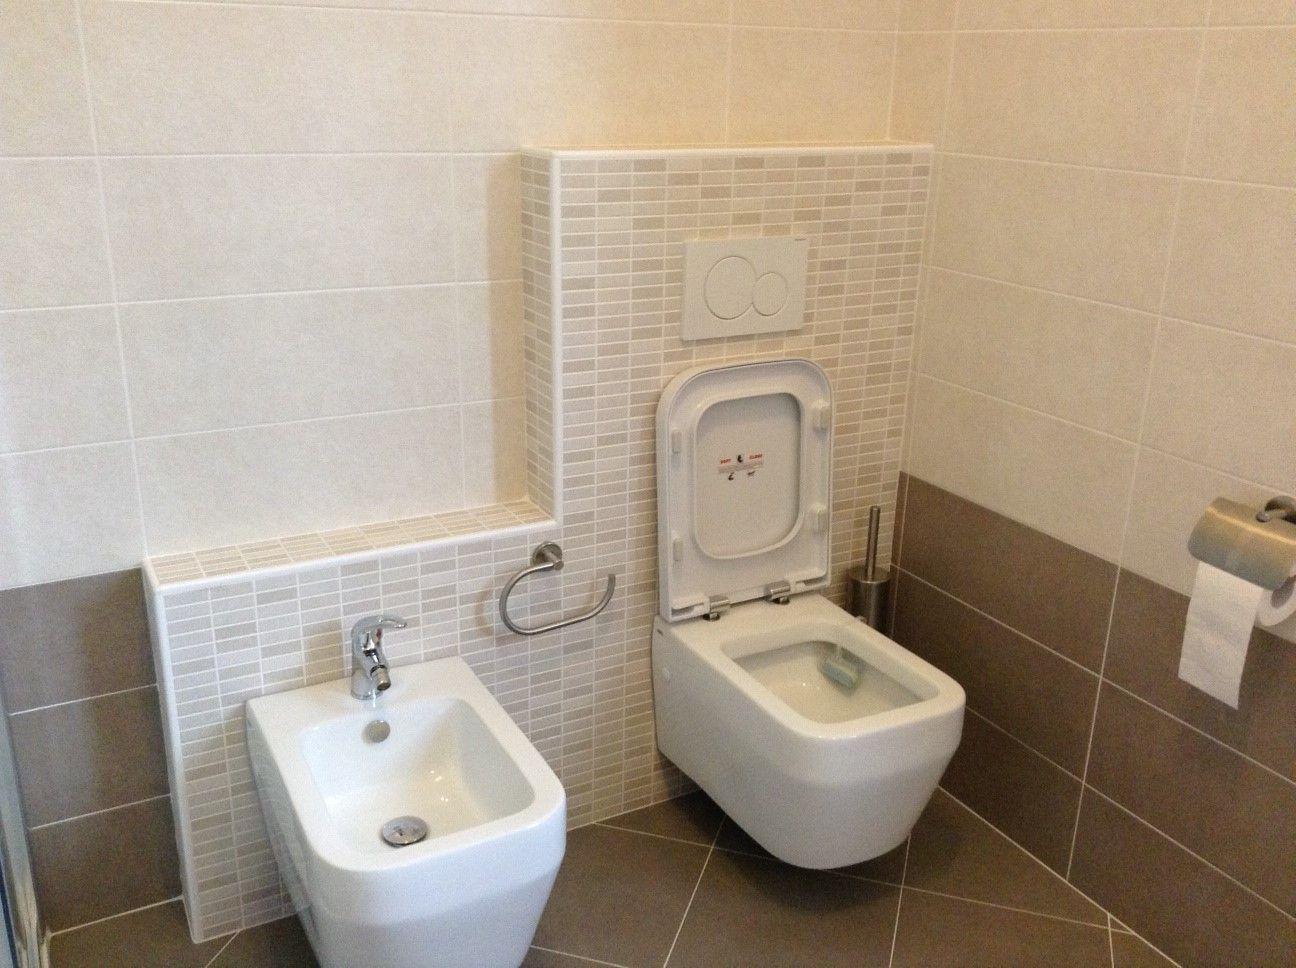 Rivestimento Bagno Basso: Appartamento a castel gandolfo 85 mq classe b. Ceramiche per bagni ...